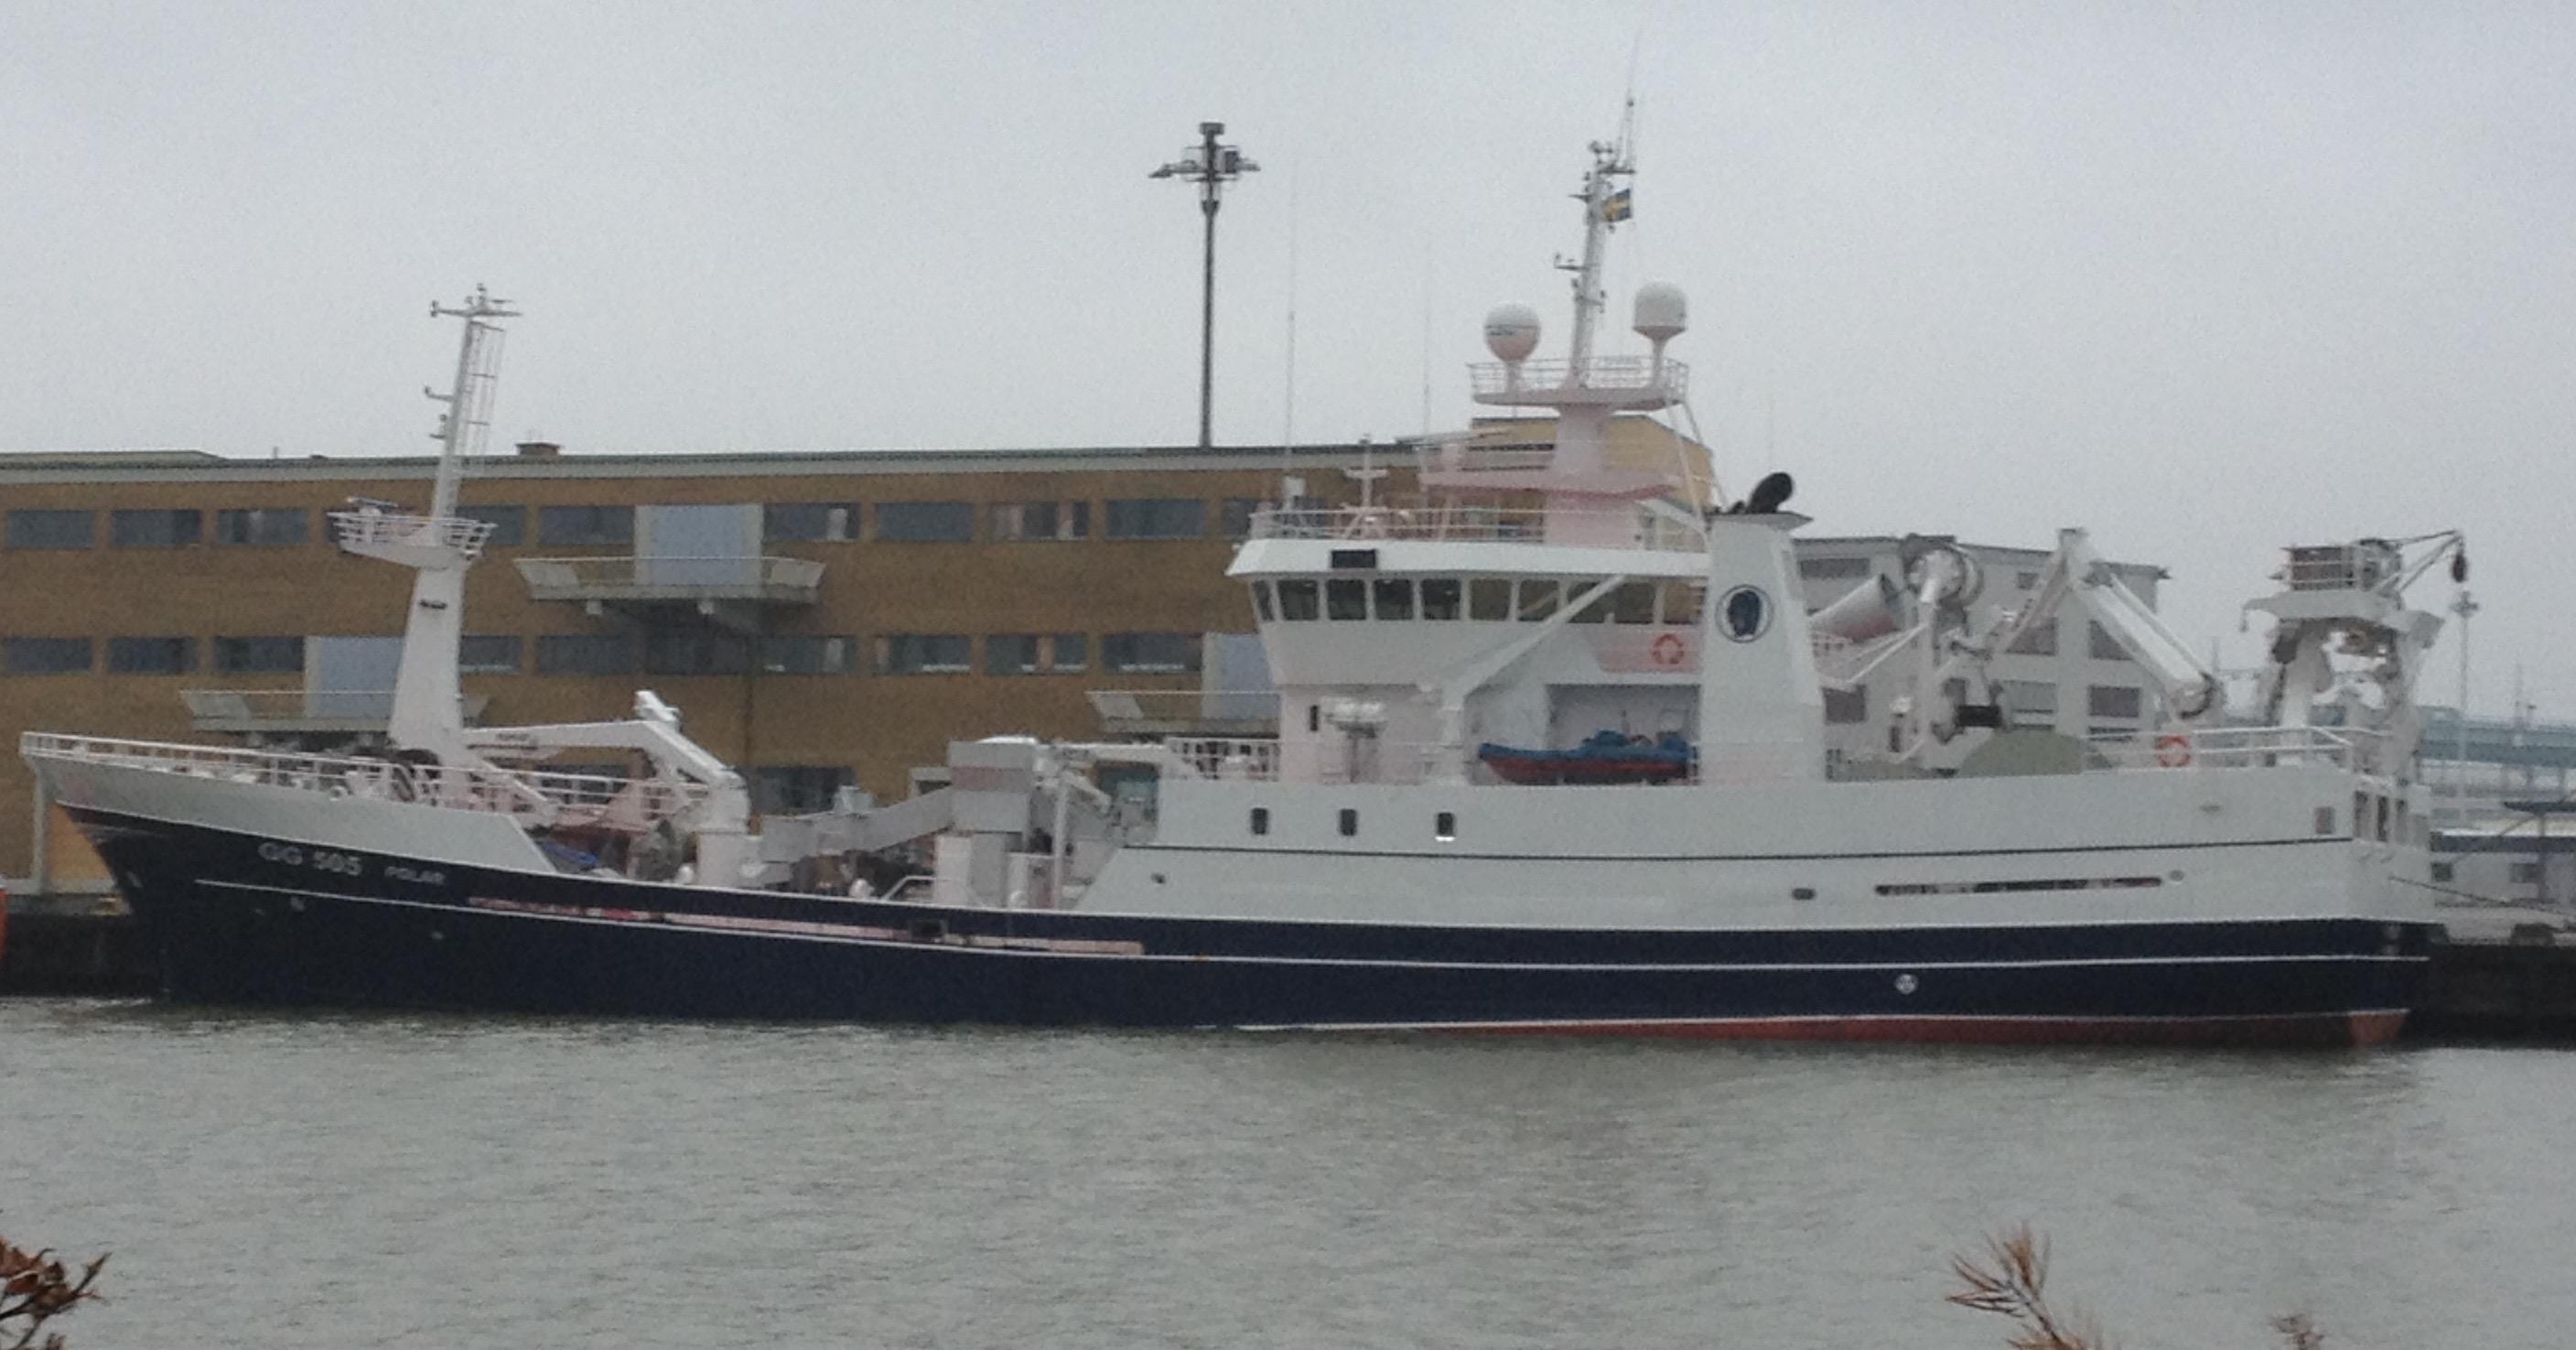 GG 505 Polar